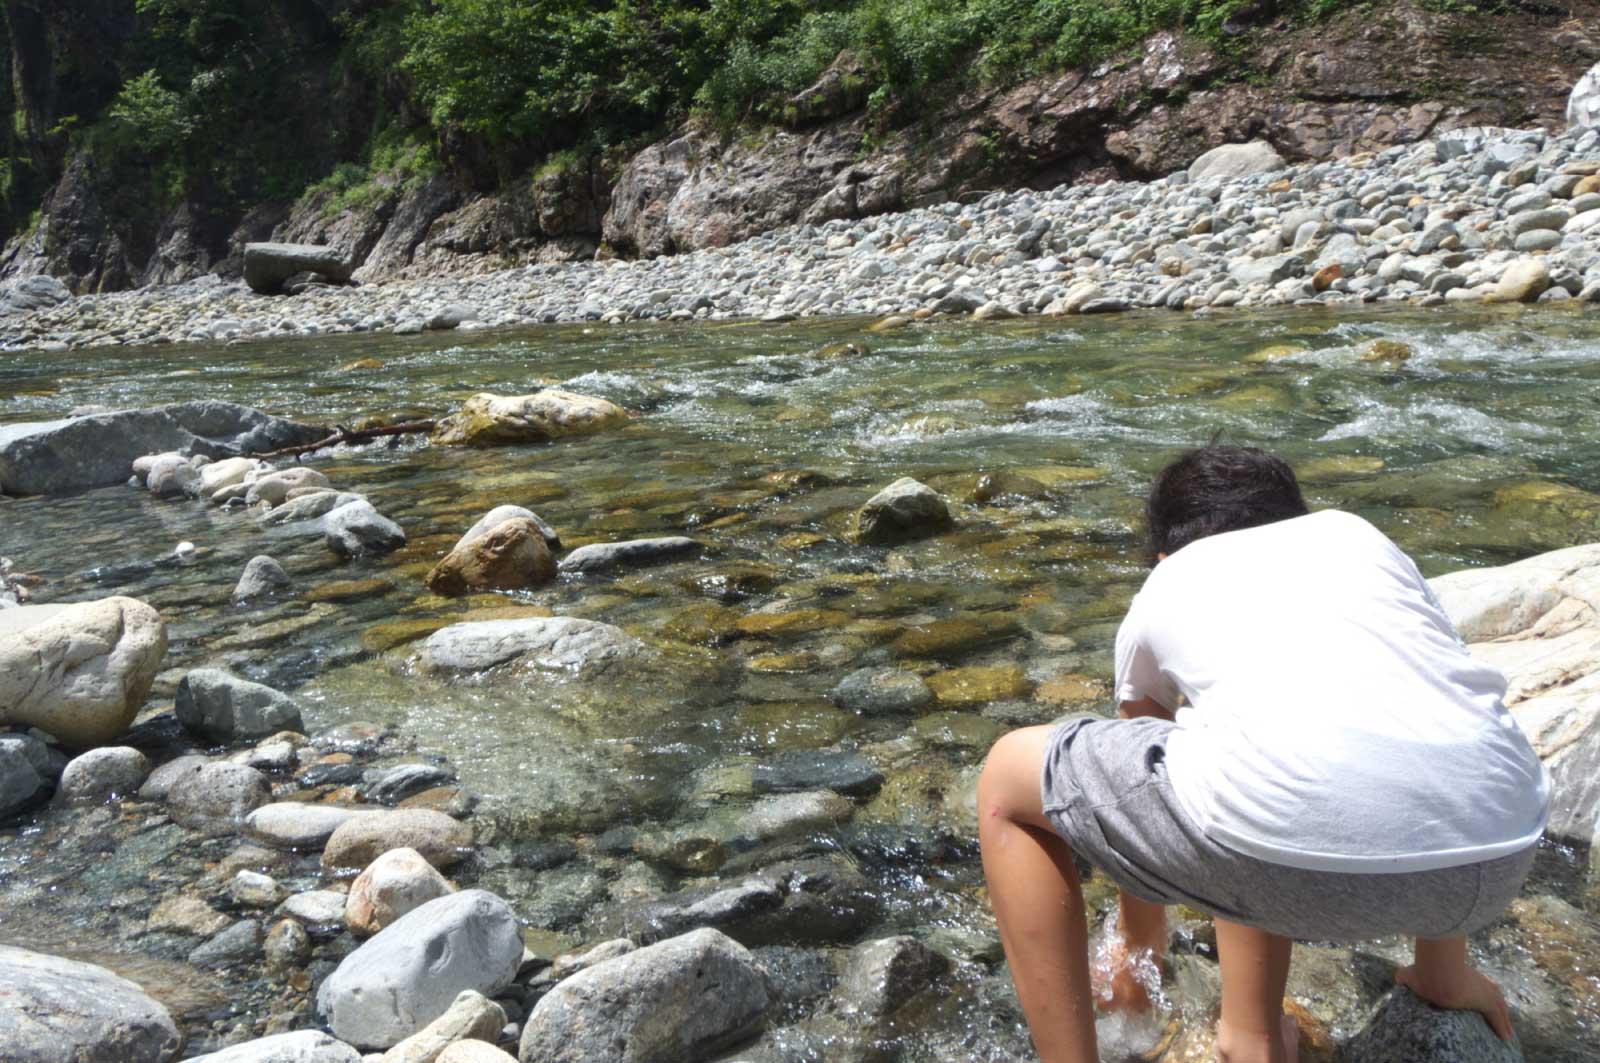 鐘釣温泉(富山)の河原で遊ぶ少年